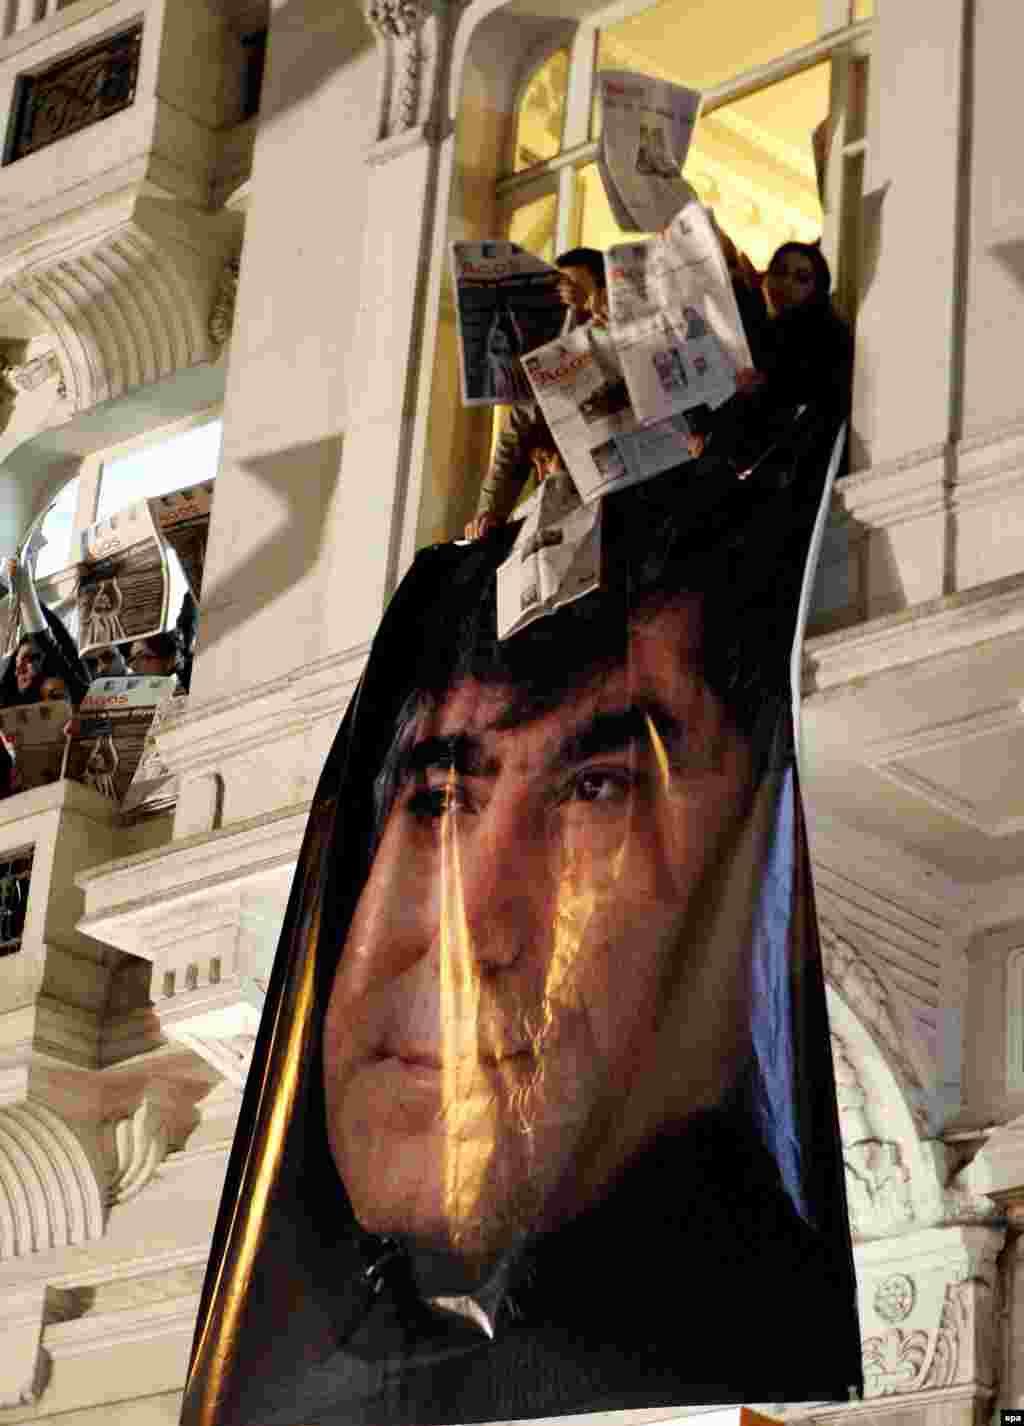 Төркия: Огос газетасында эшләгән әрмән-төрек журналисты Һран Динк 19 гыйнвар көнне Истанбулда үтерелде, 19.1.2007